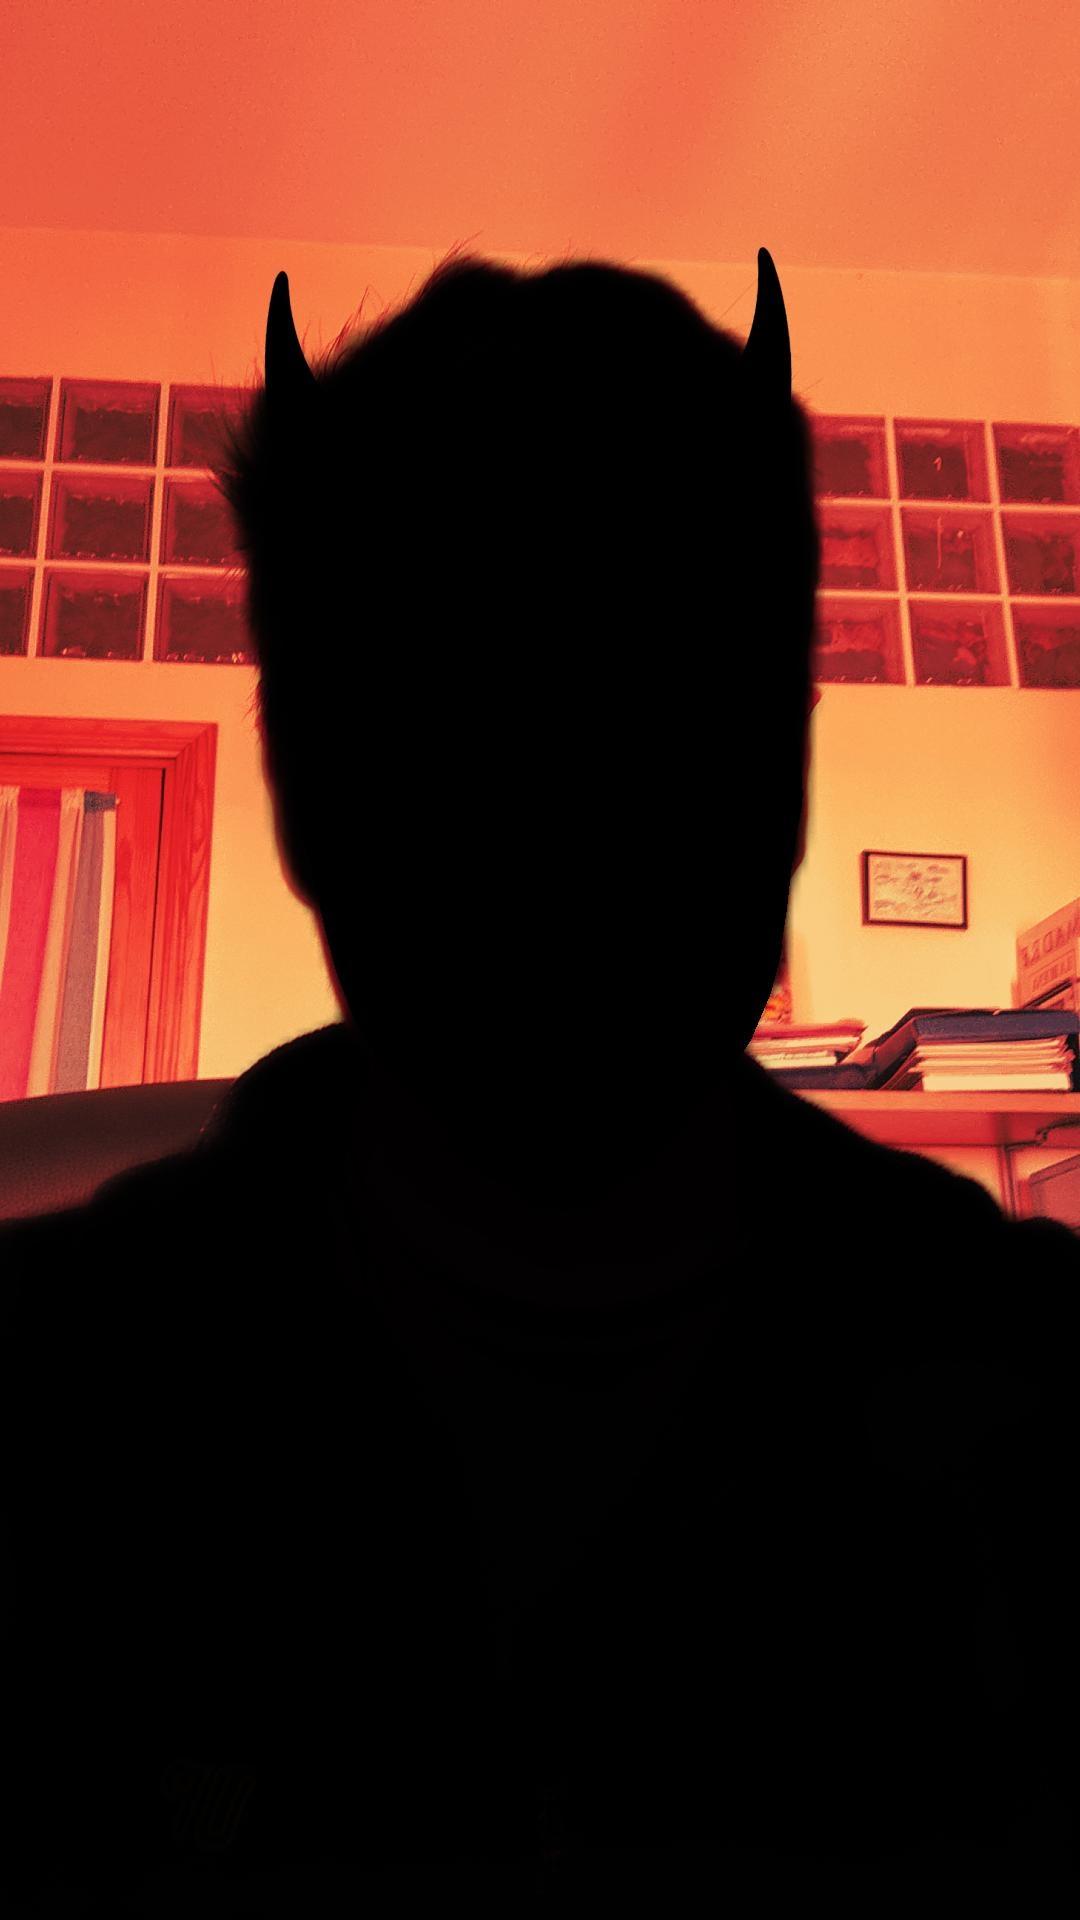 Devil Shadow 2.0